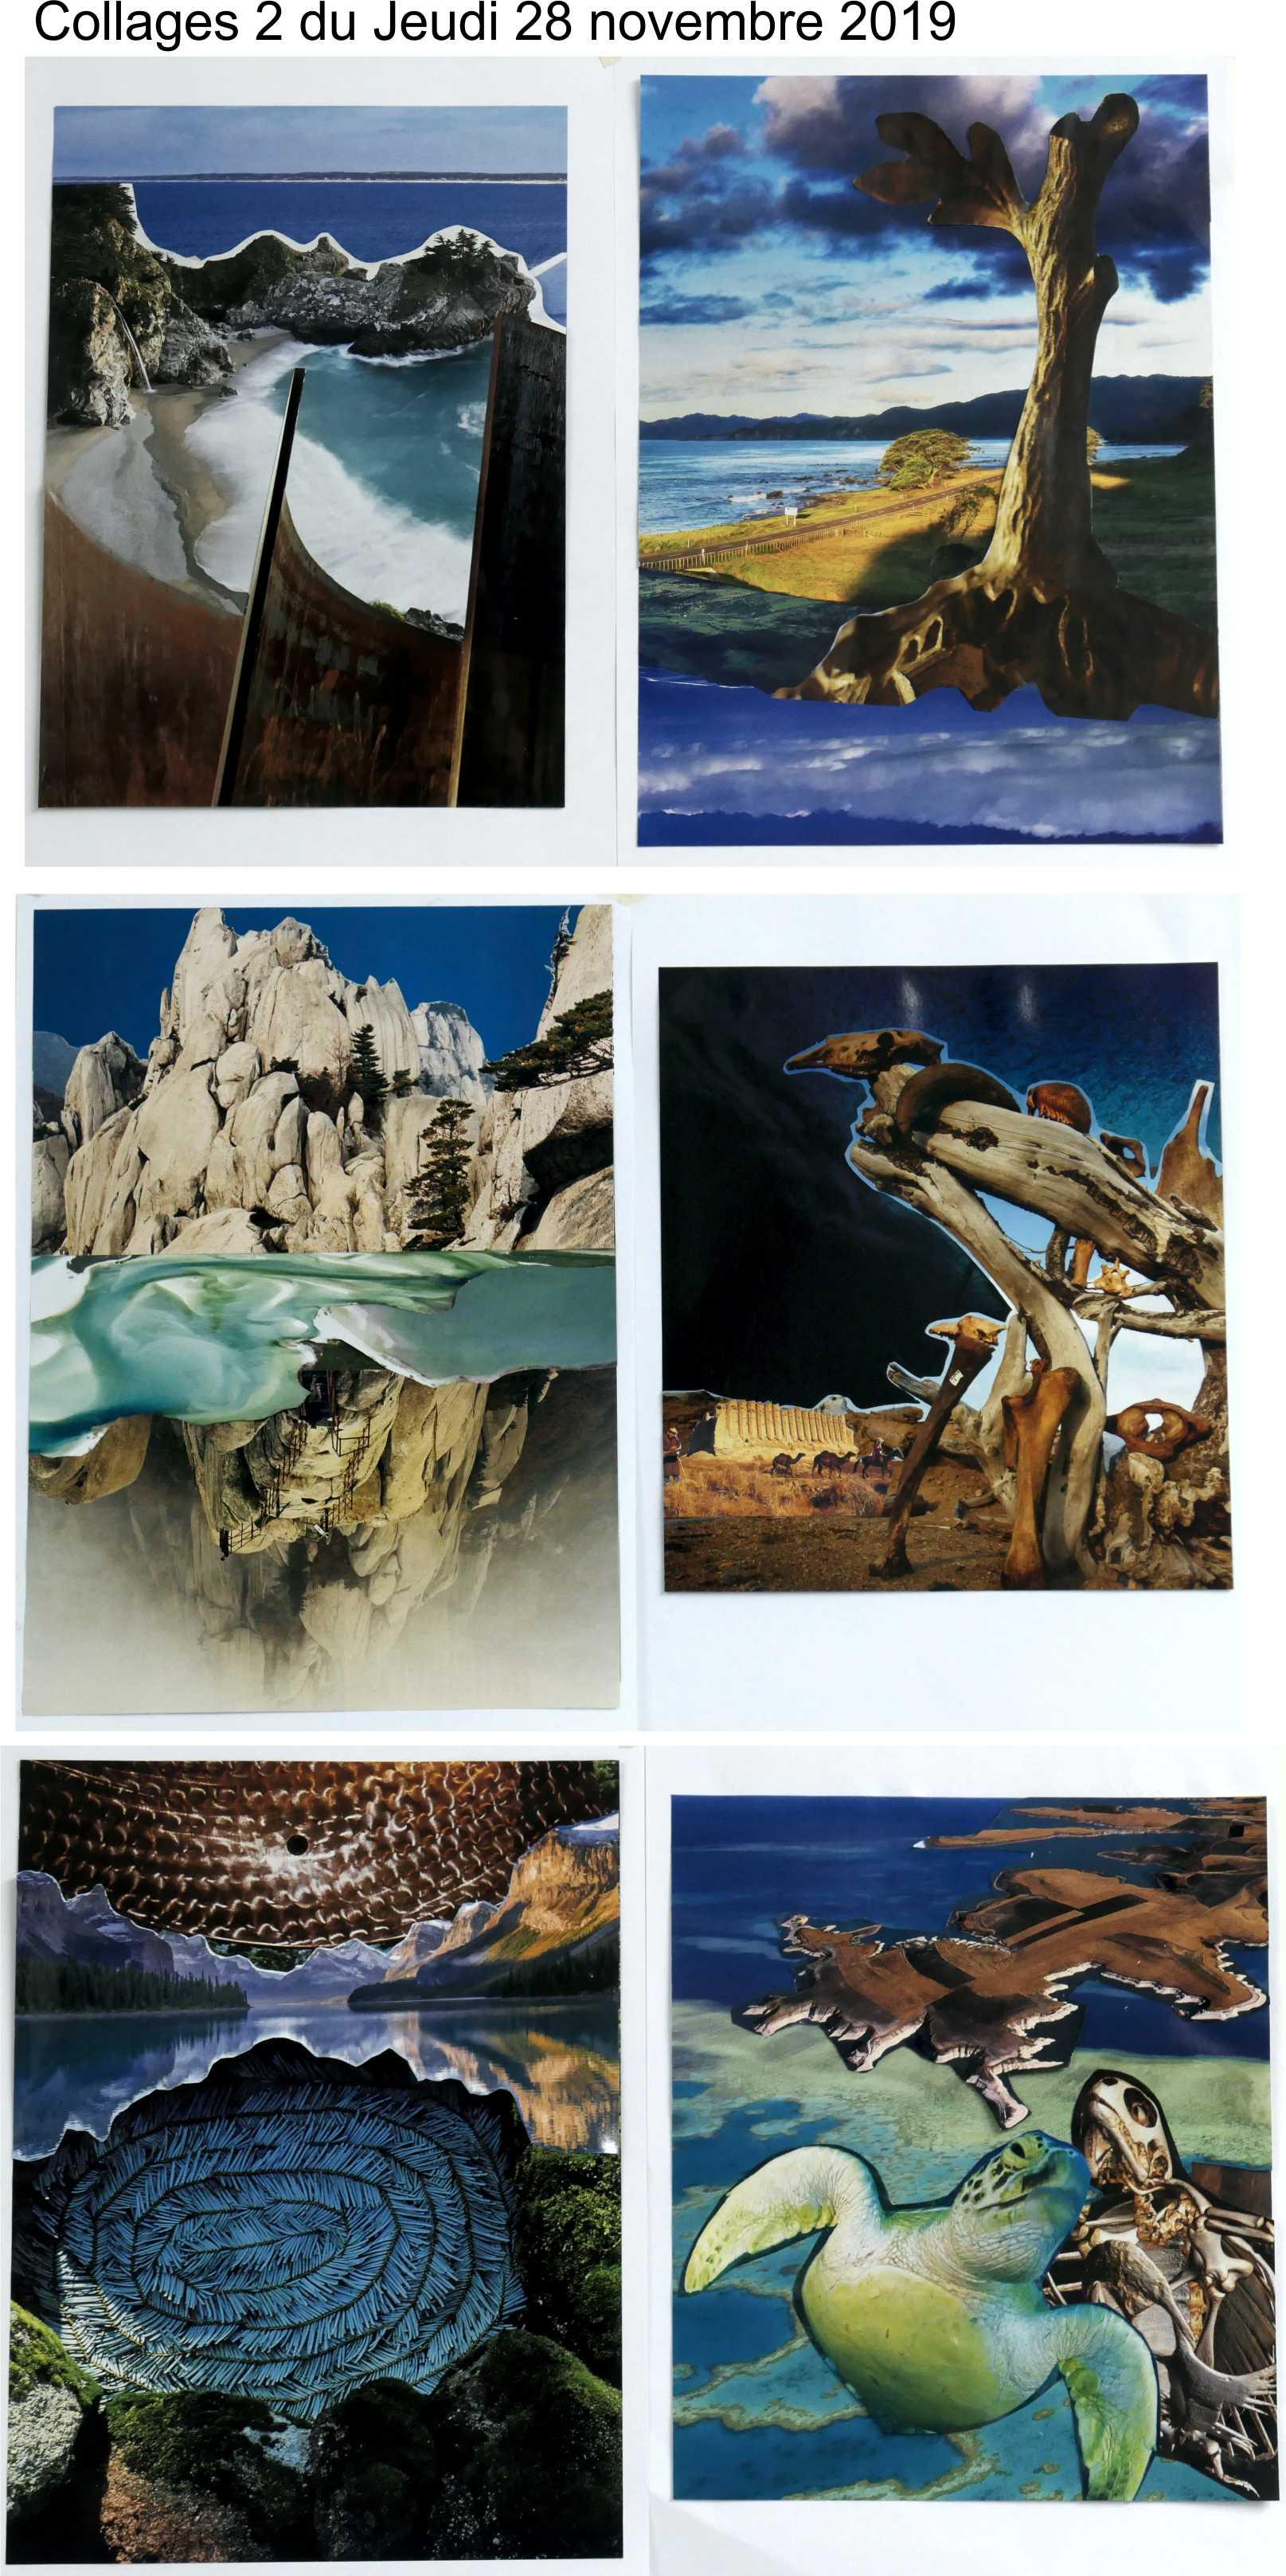 Collages 2 jeudi 28 novembre 2019